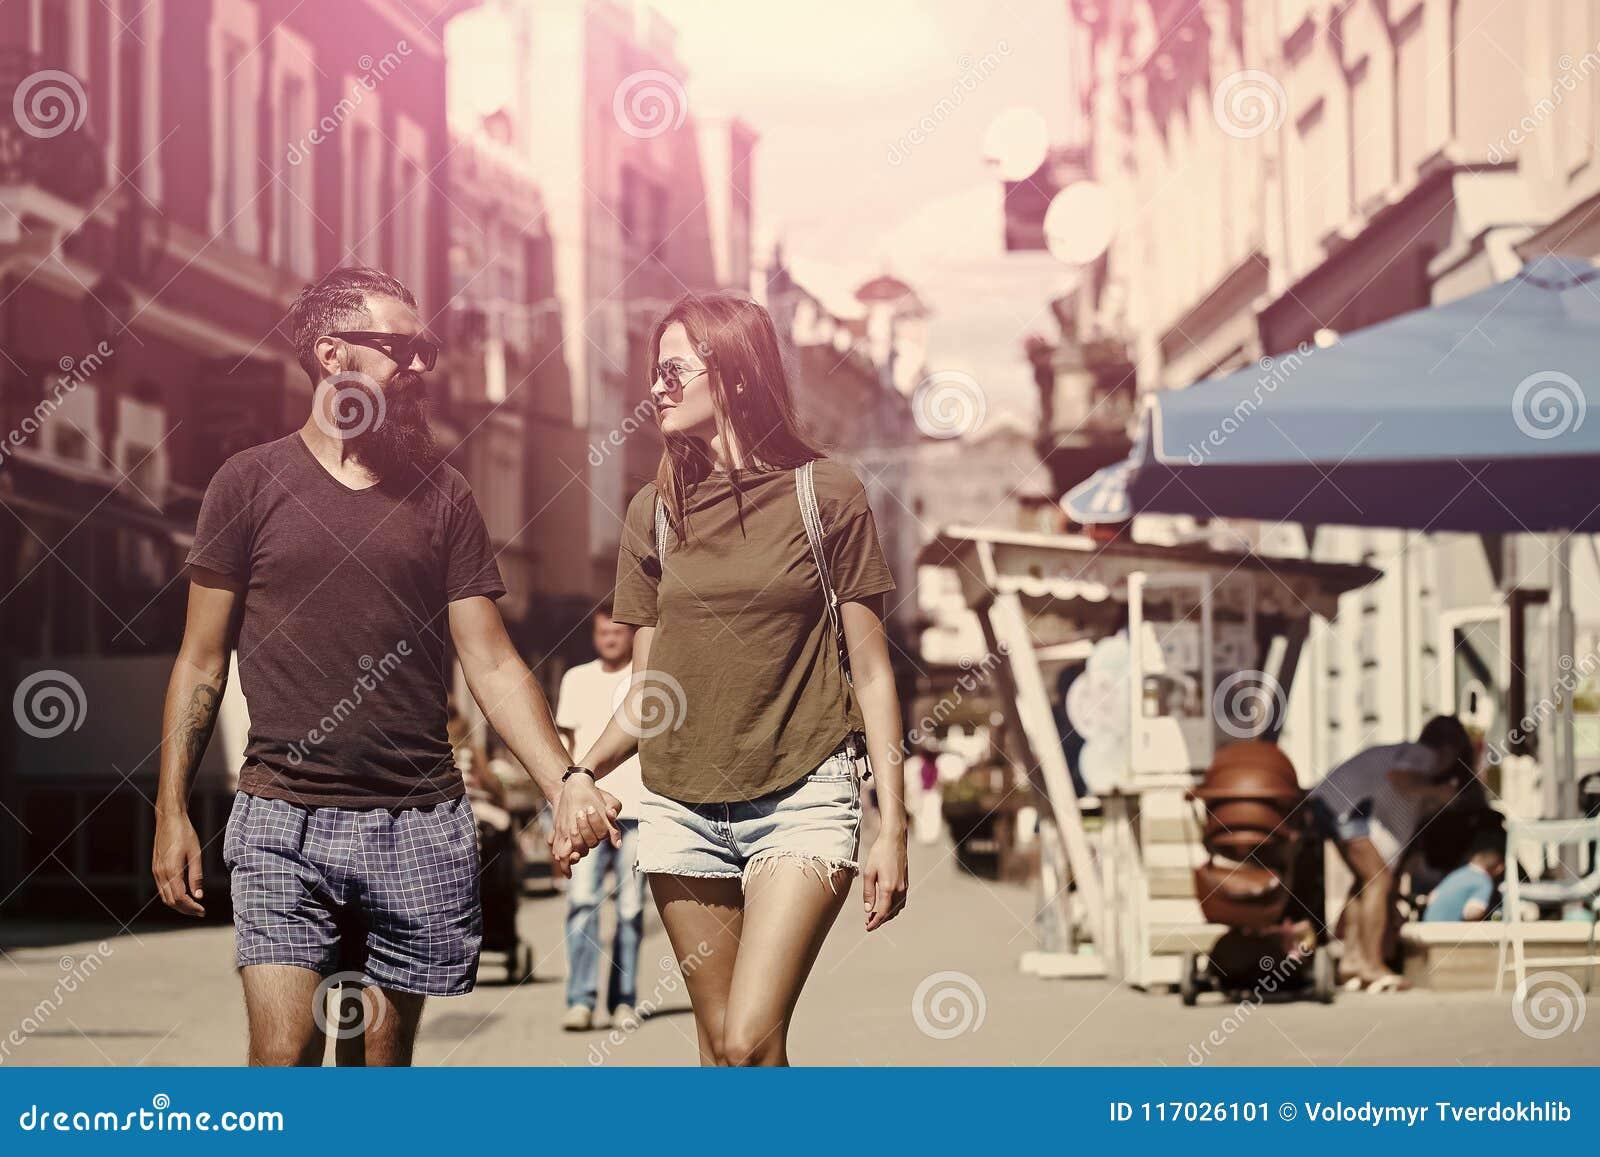 Moda, miastowy styl, styl życia